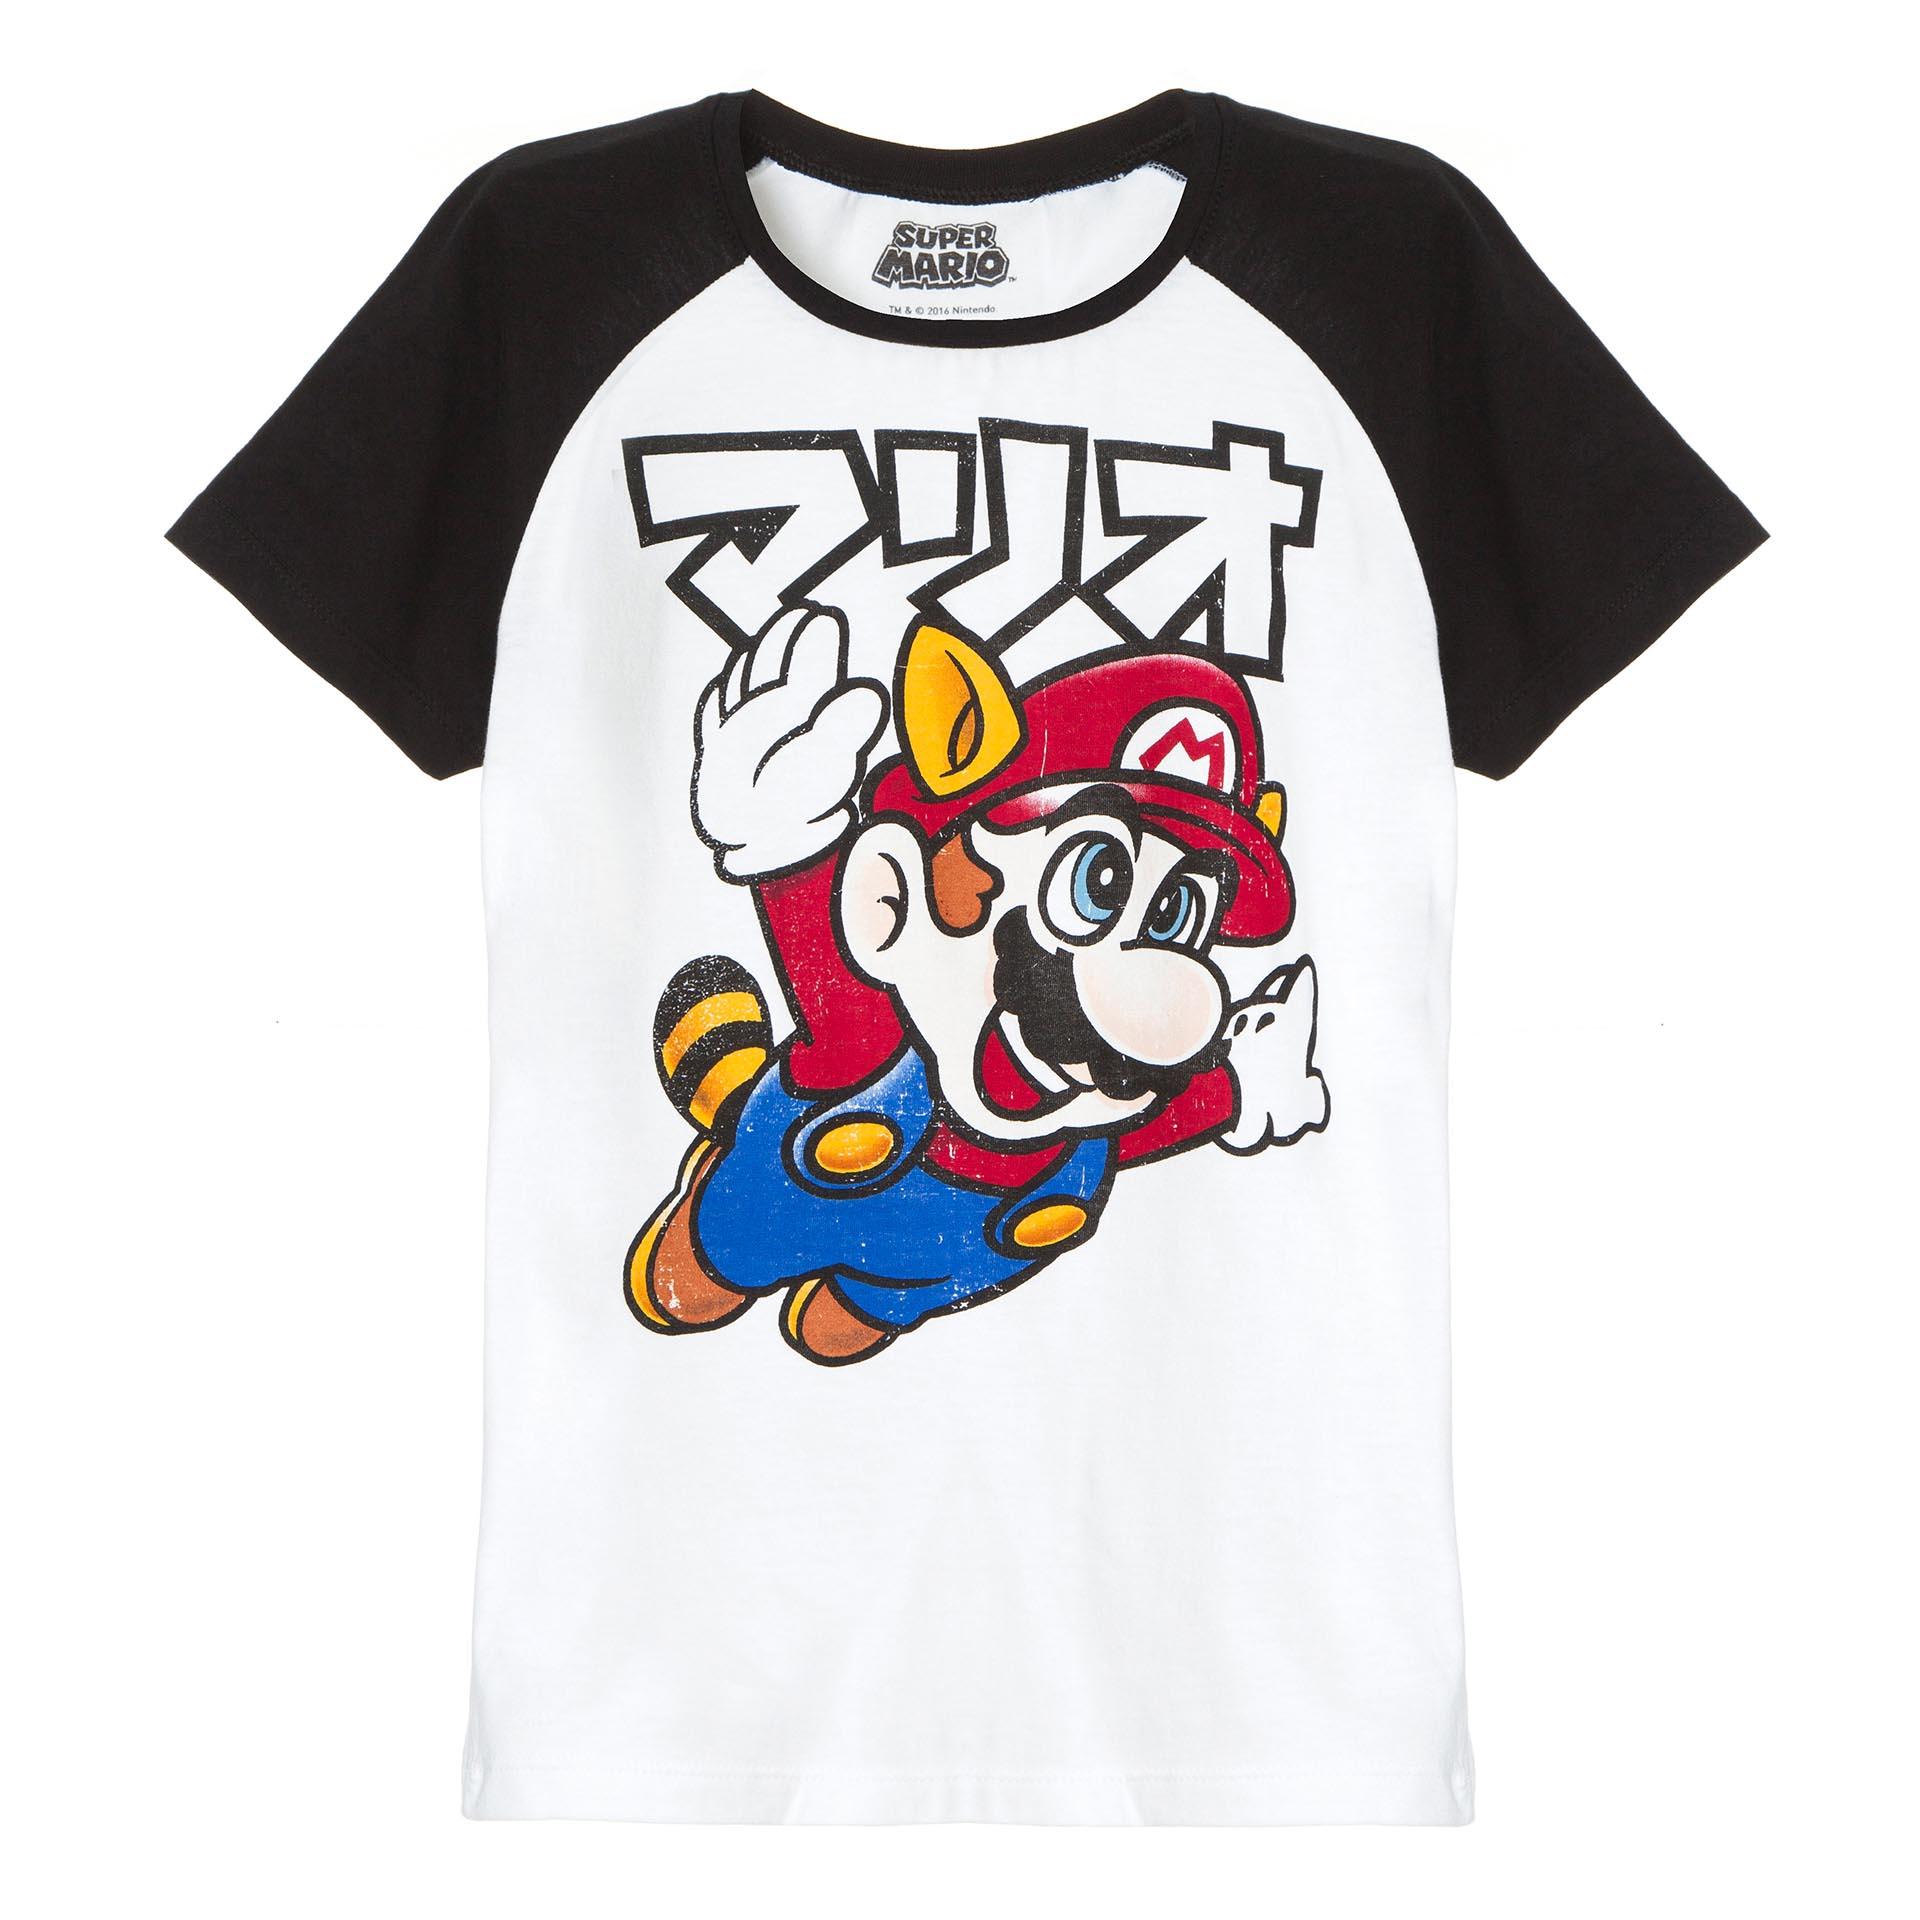 Super Mario vira coleção de roupas e acessórios na Riachuelo - WannaPlay b79f3899ec4